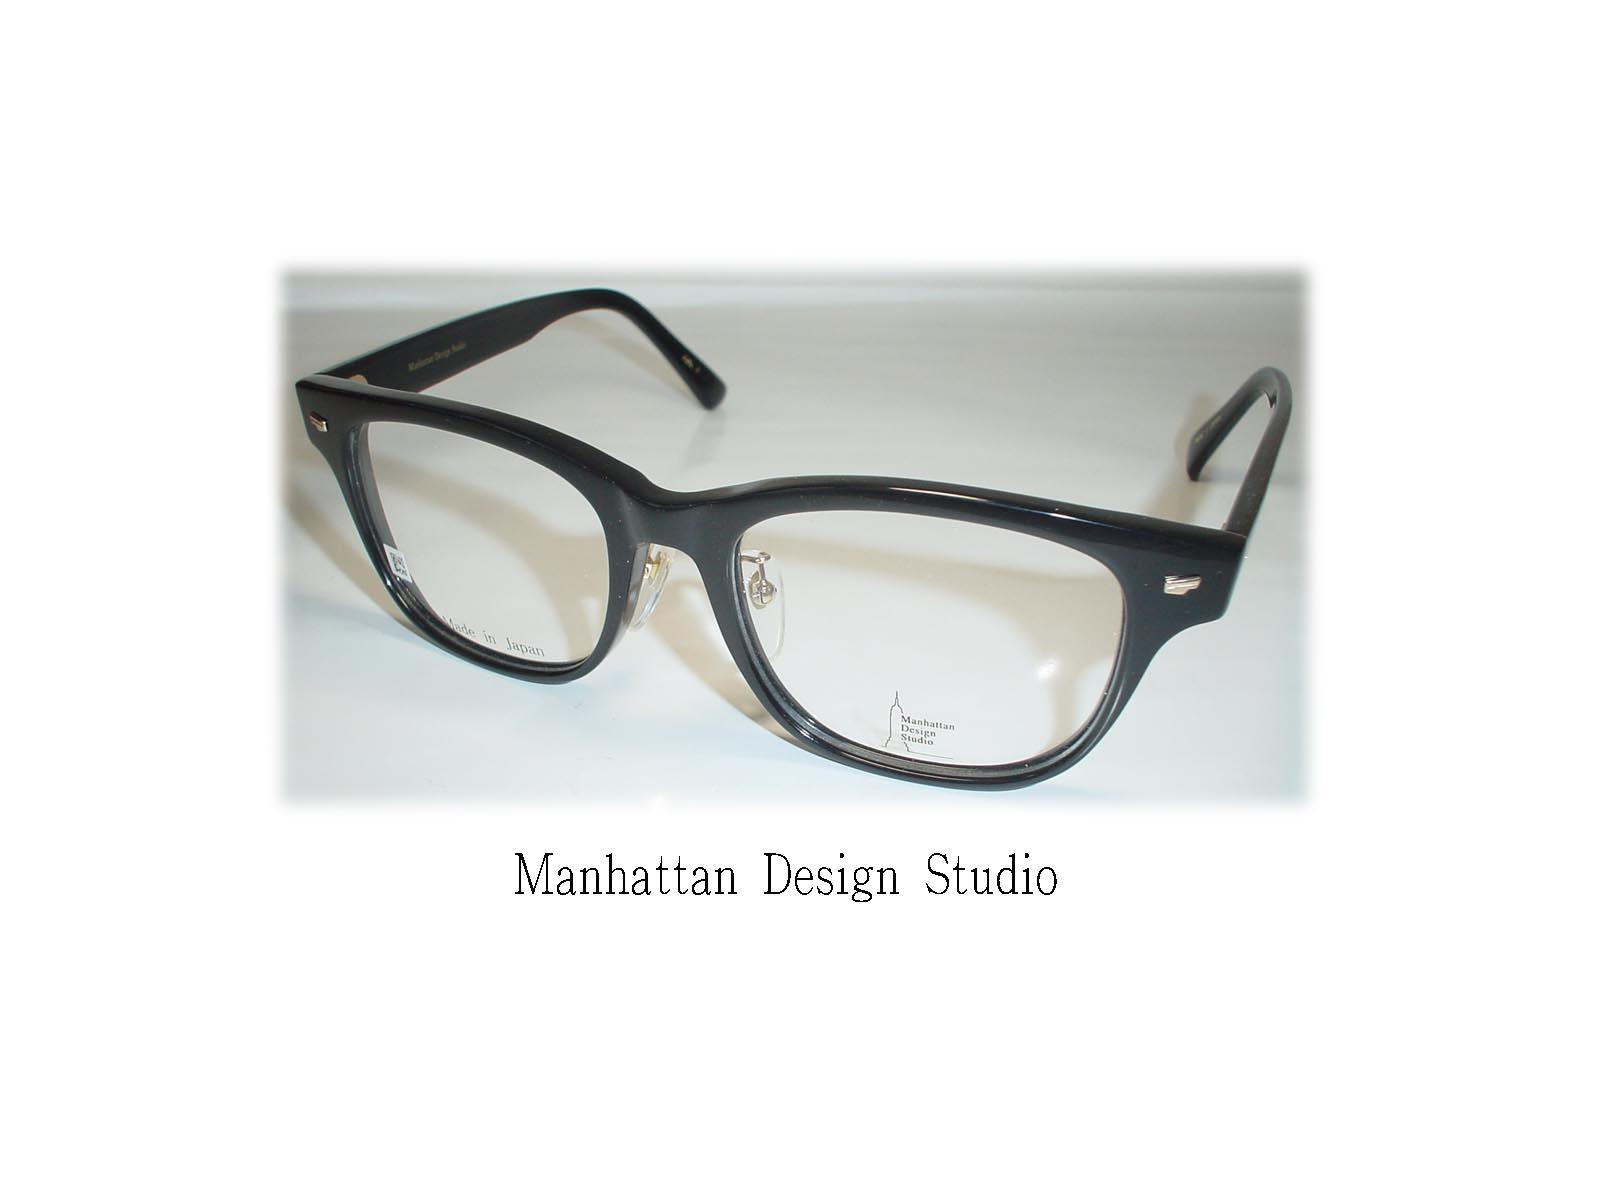 【超薄型非球面レンズ付き!】☆Manhattan Design Studio(マンハッタンデザインスタジオ)☆ MDS-114 カラー1 BK